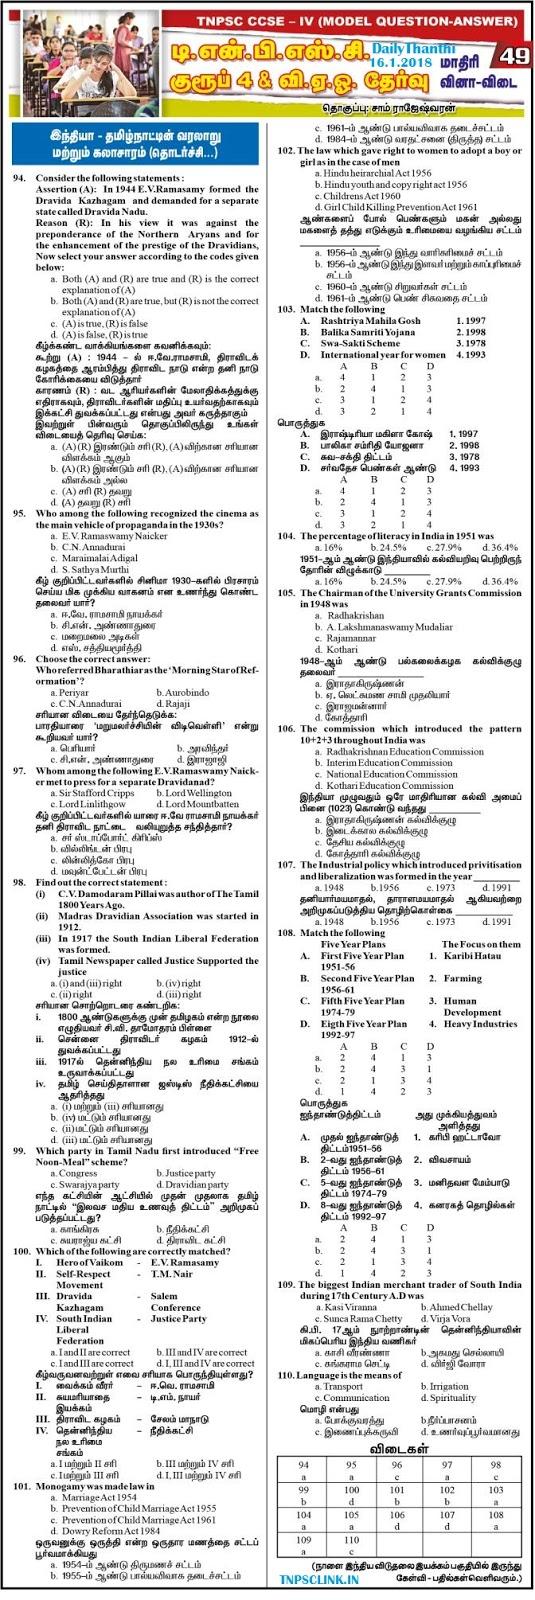 TNPSC Group 4 History Tamil (Dinathanthi Jan 16, 2018) Download as PDF